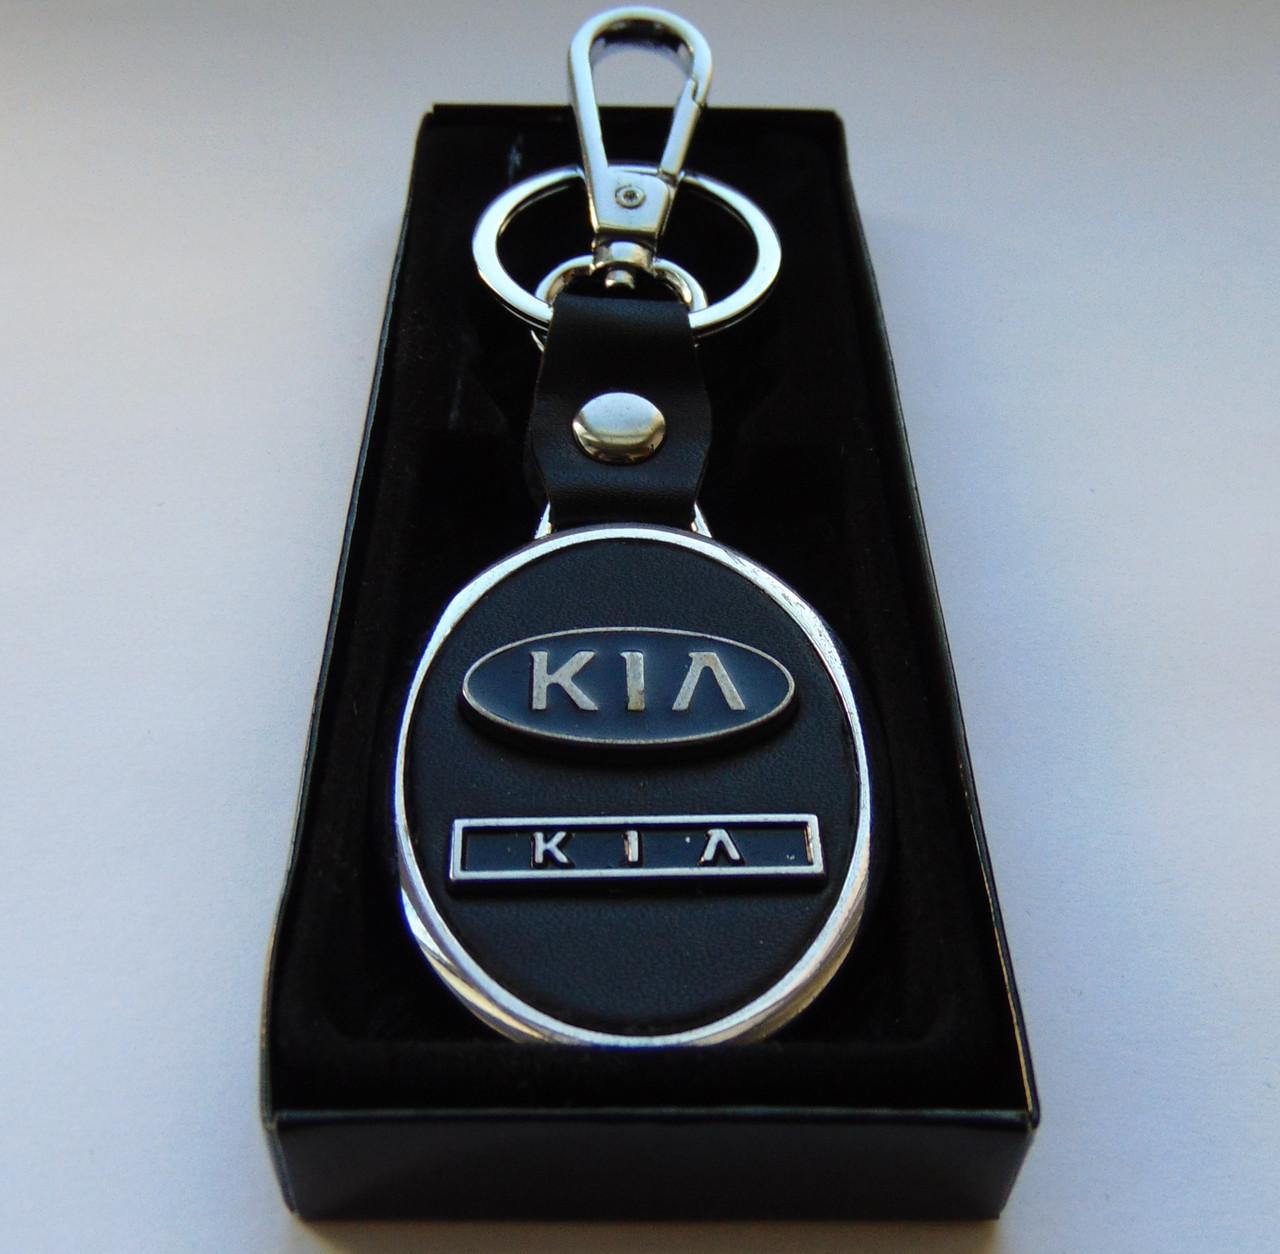 Автомобильный брелок Kia (Киа)